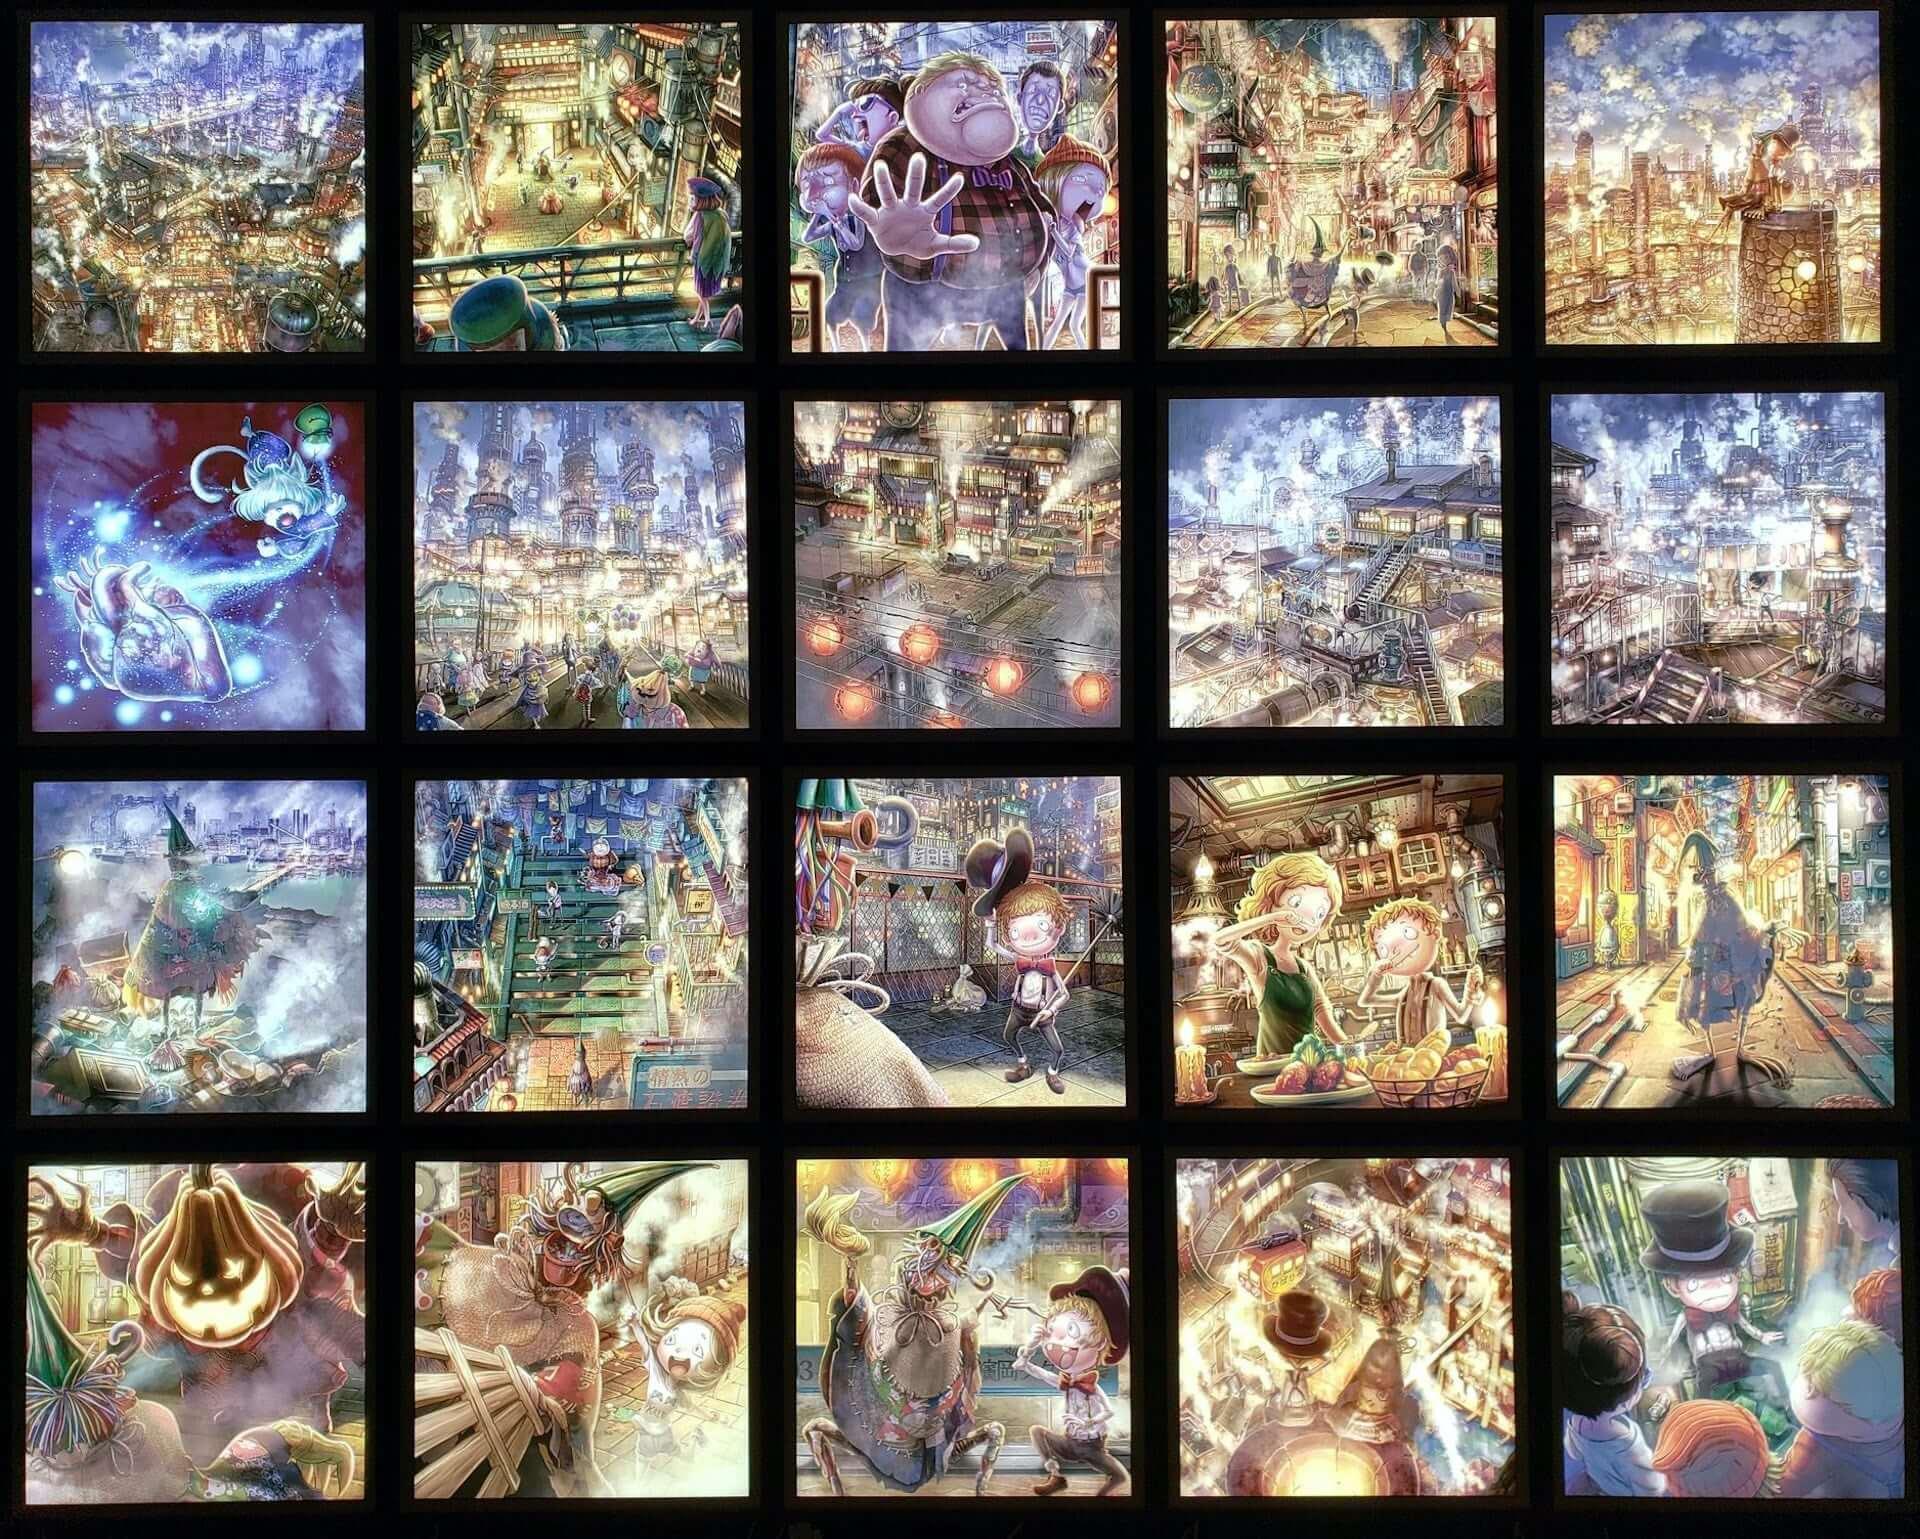 西野亮廣『えんとつ町のプペル』の光る絵本展が宮城・KIBOTCHAにて開幕!アートフェス<なないろの芸術祭>と同時開催 art201021_poupelle-hikaruehonten_1-1920x1539